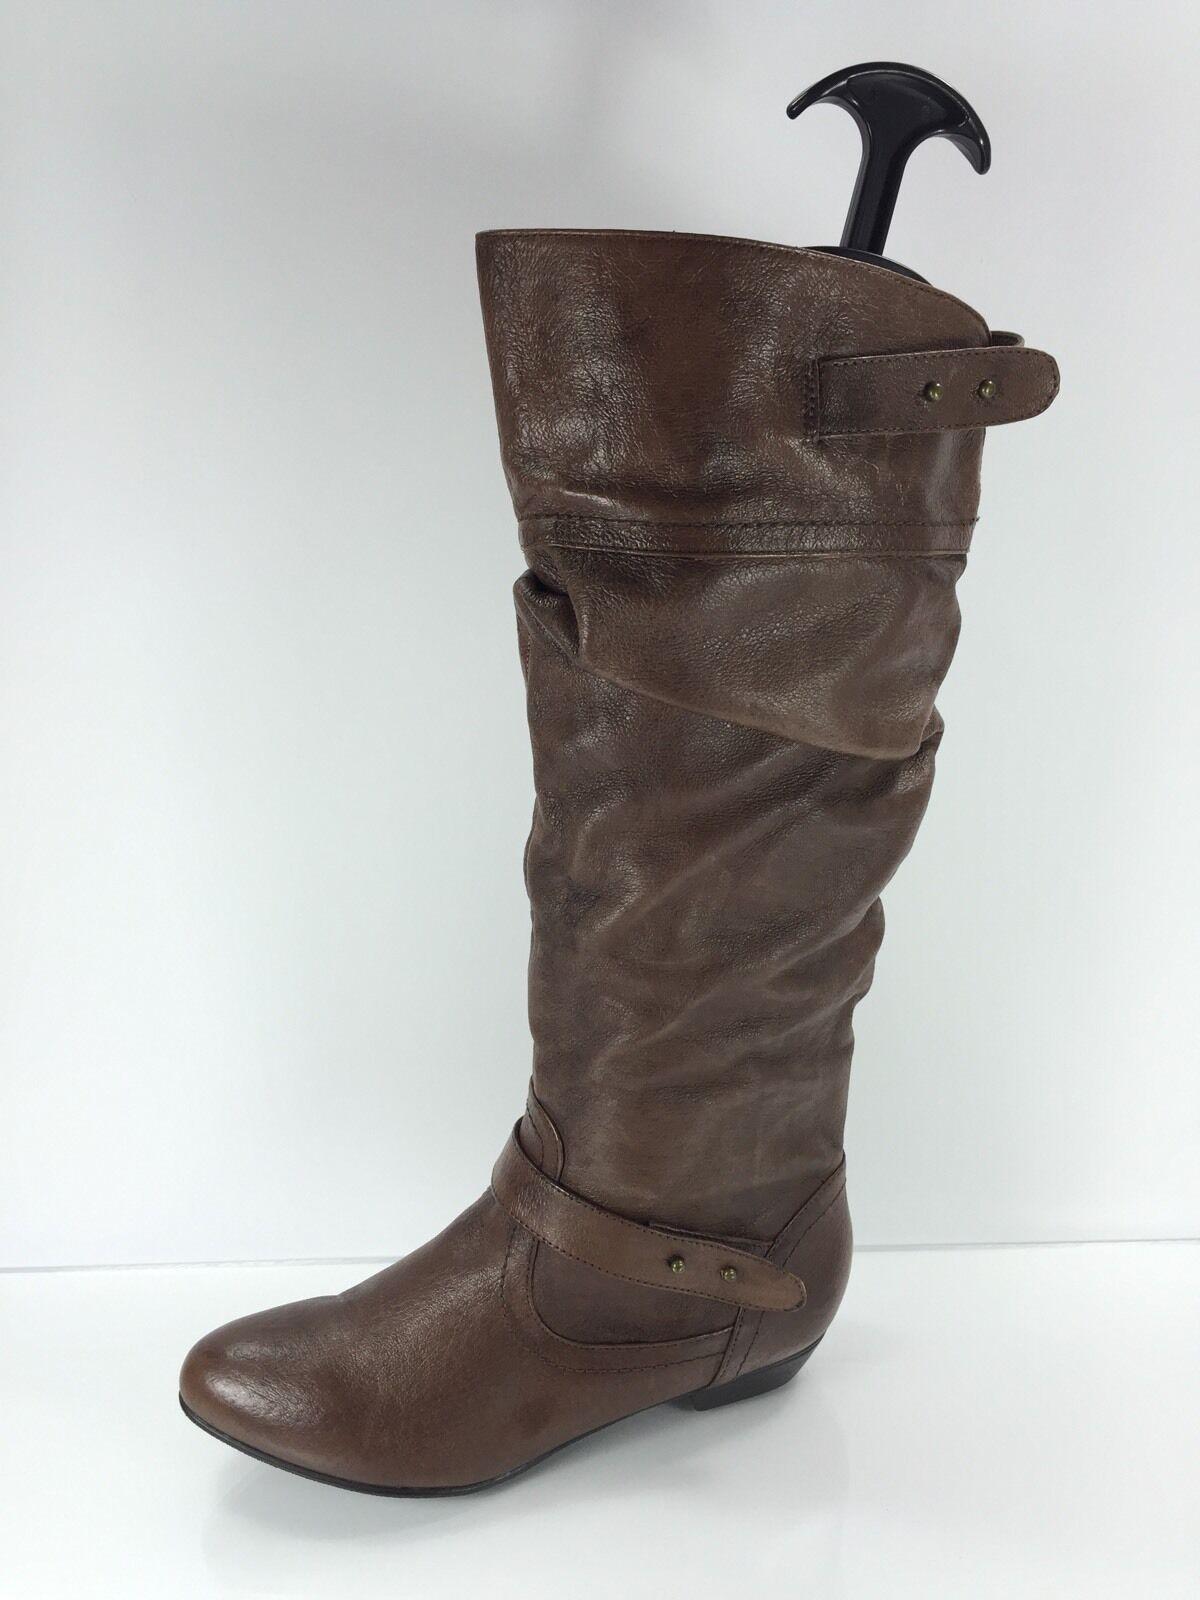 Steve Madden damen braun Leather Knee Stiefel 6 M